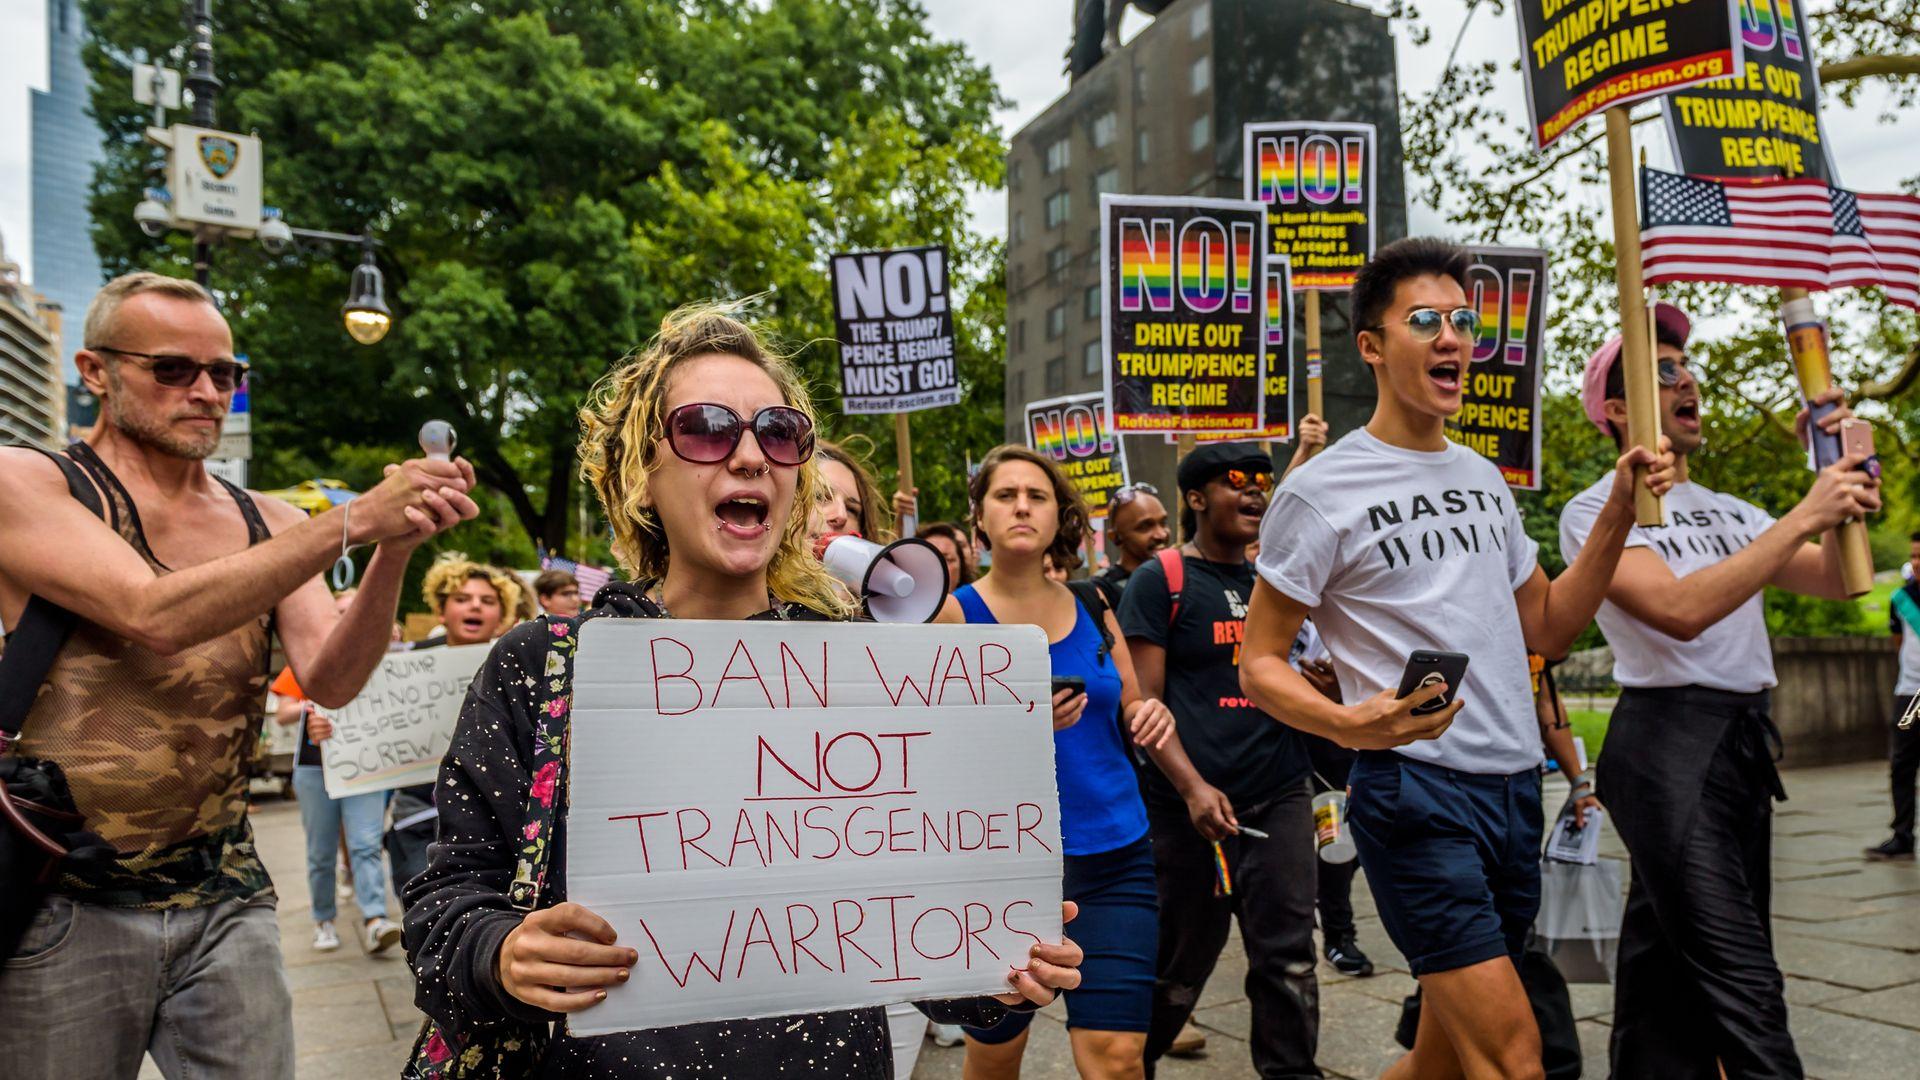 Protesting transgender ban